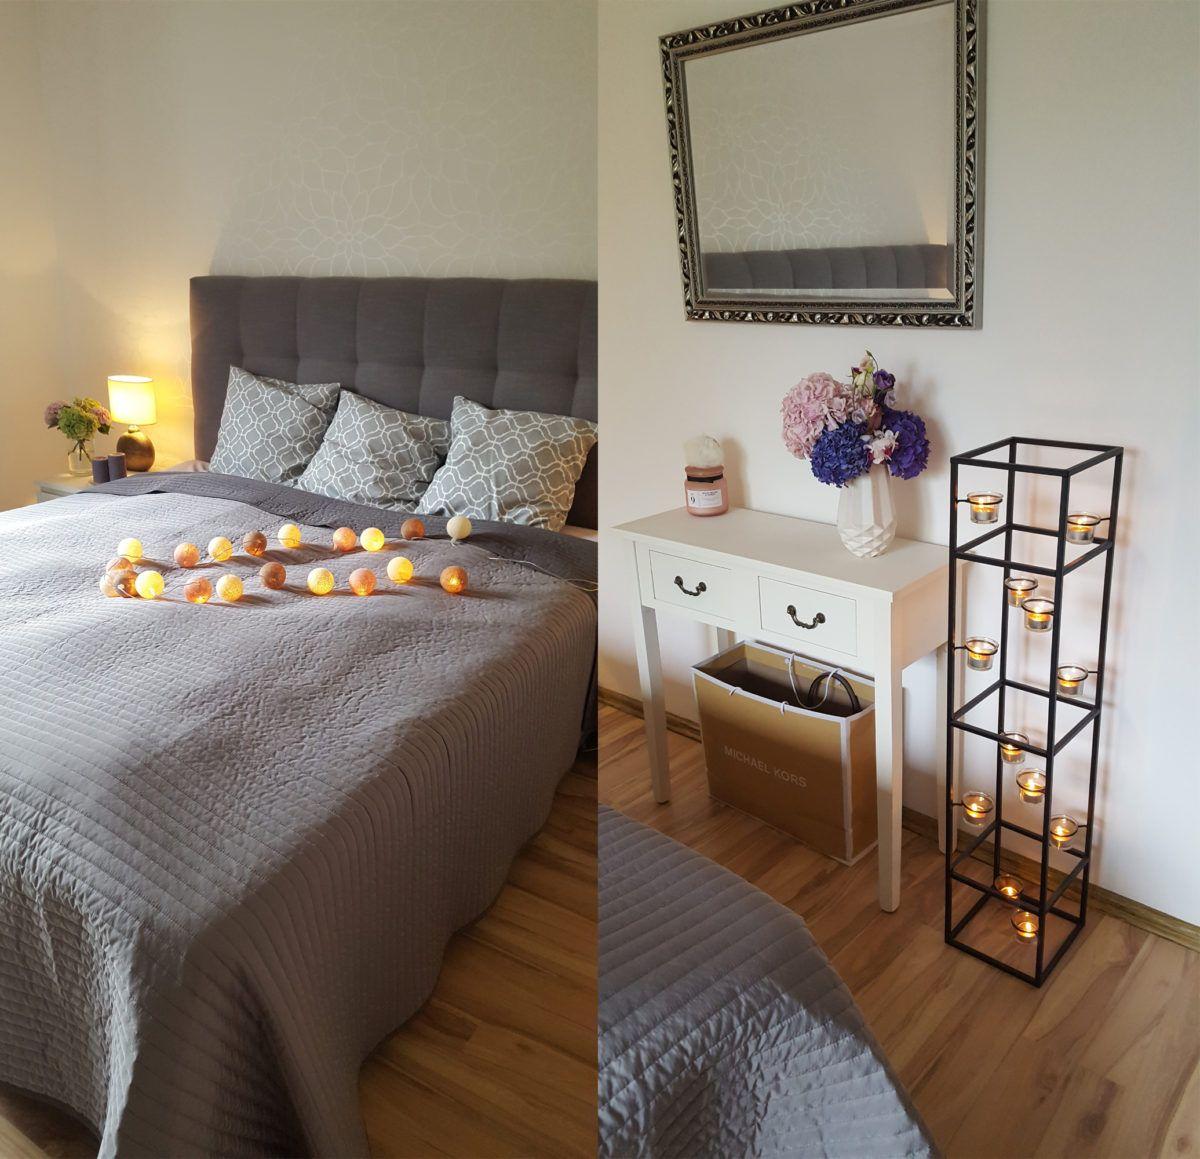 INTERIOR Bedroom / Schlafzimmer: Gemütliche Atmosphäre durch ...